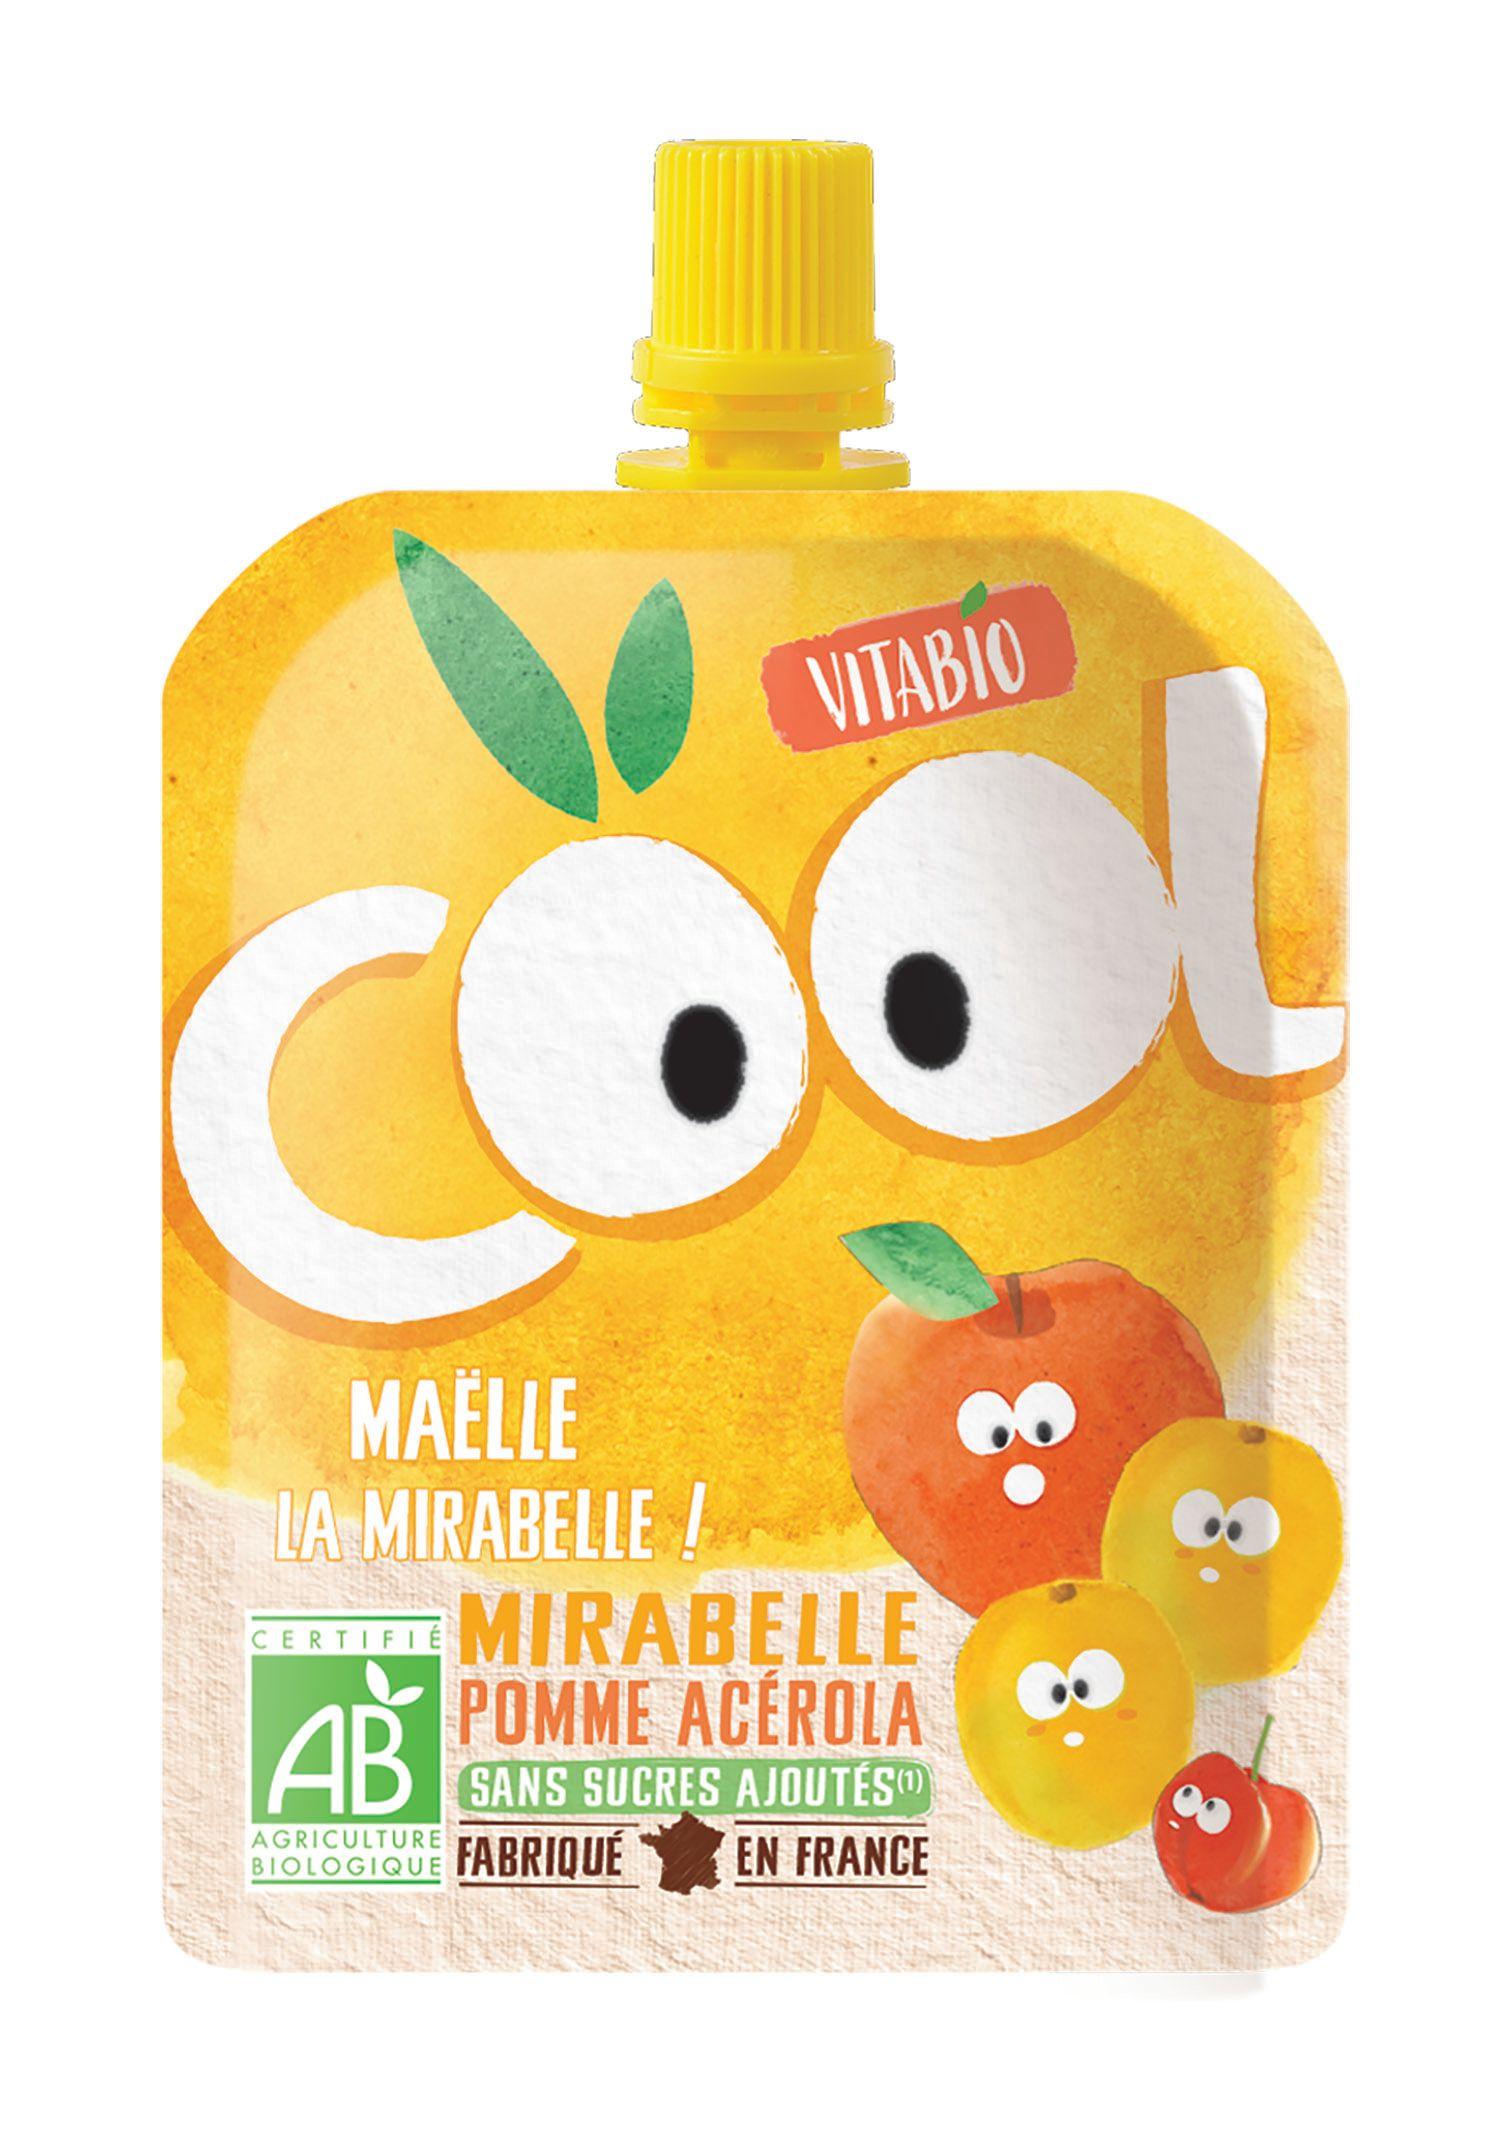 zTaqwWKA - Vitabio Cool dévoile ses deux nouvelles recettes de Cool Fruits